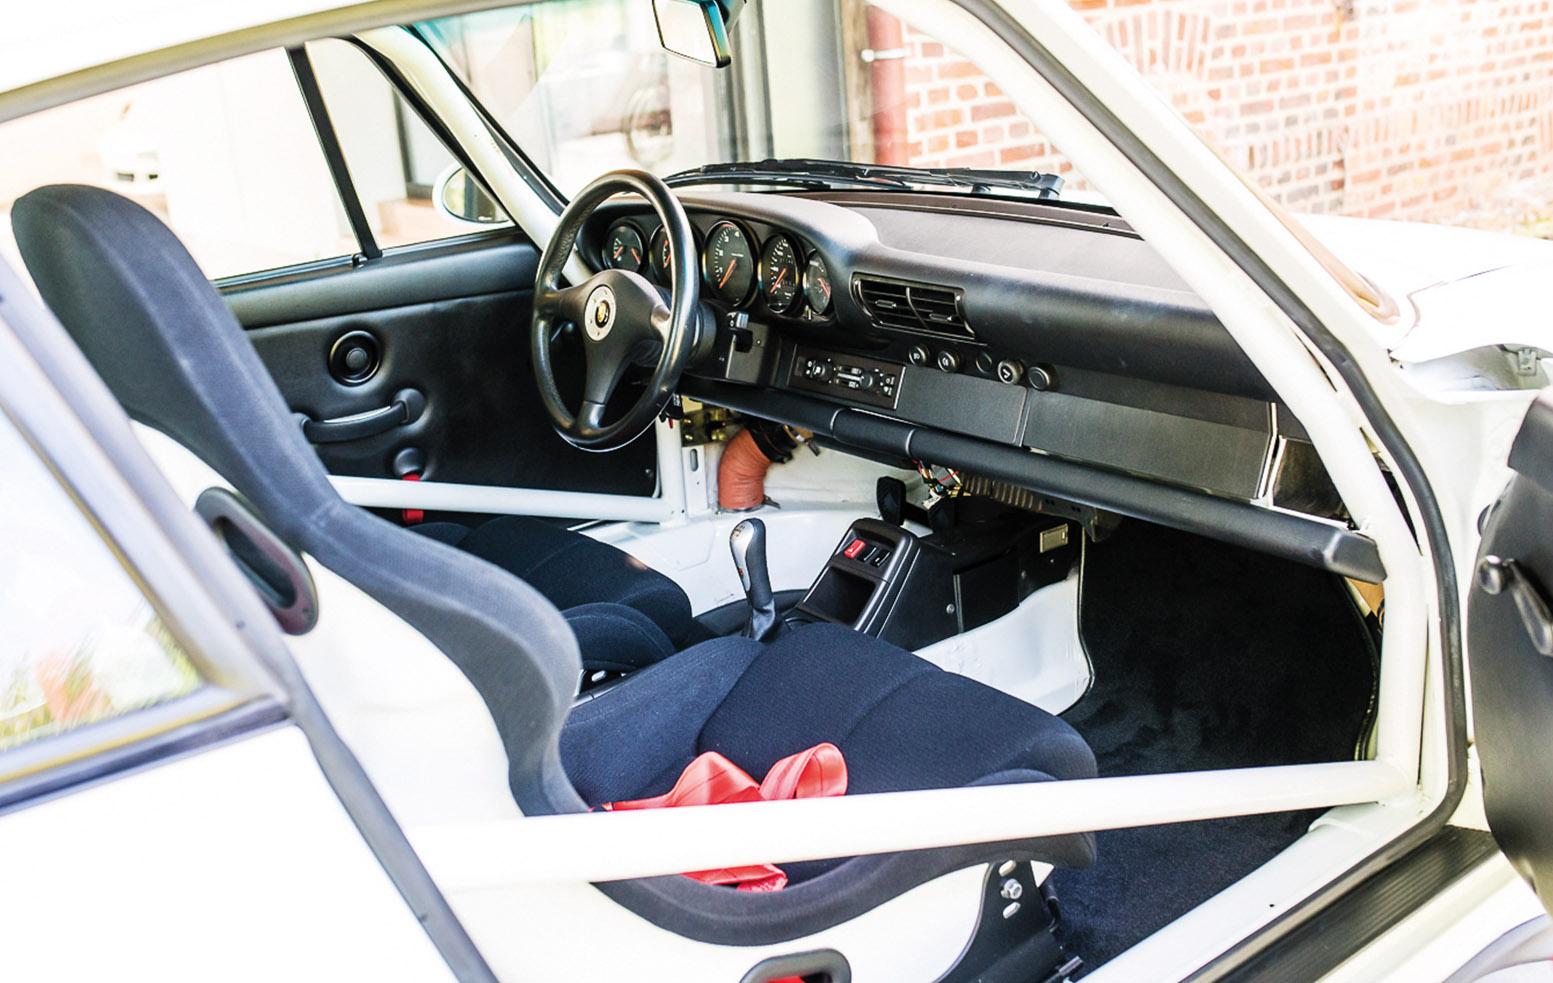 Porsche 993 911 lightweight interior